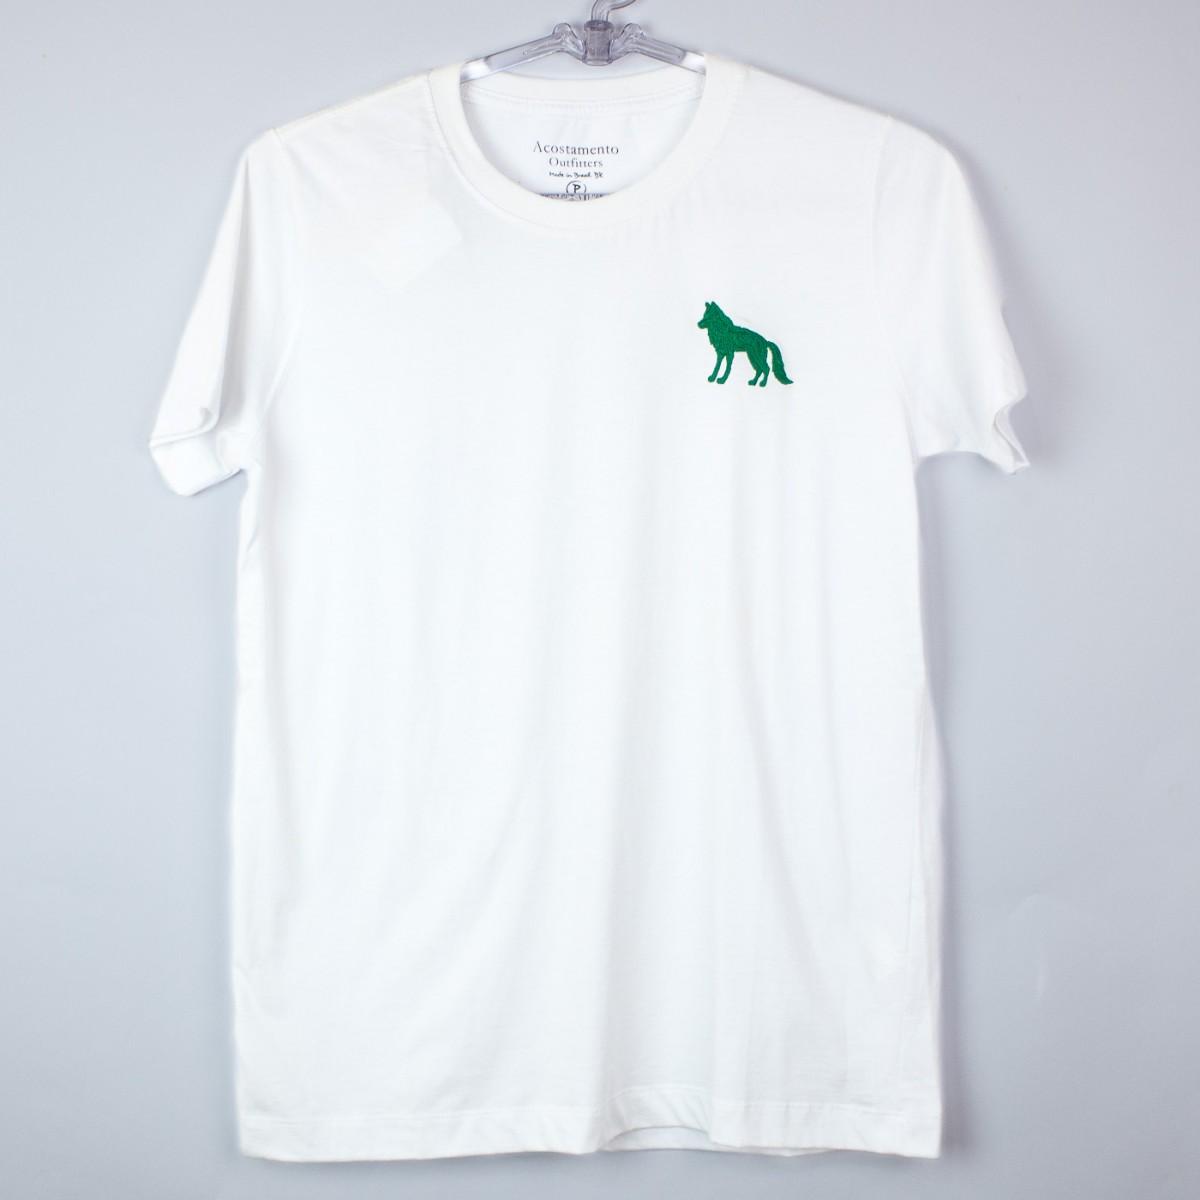 2bb9bb7a02 Bizz Store - Camiseta Masculina Acostamento Branca Preta Verão